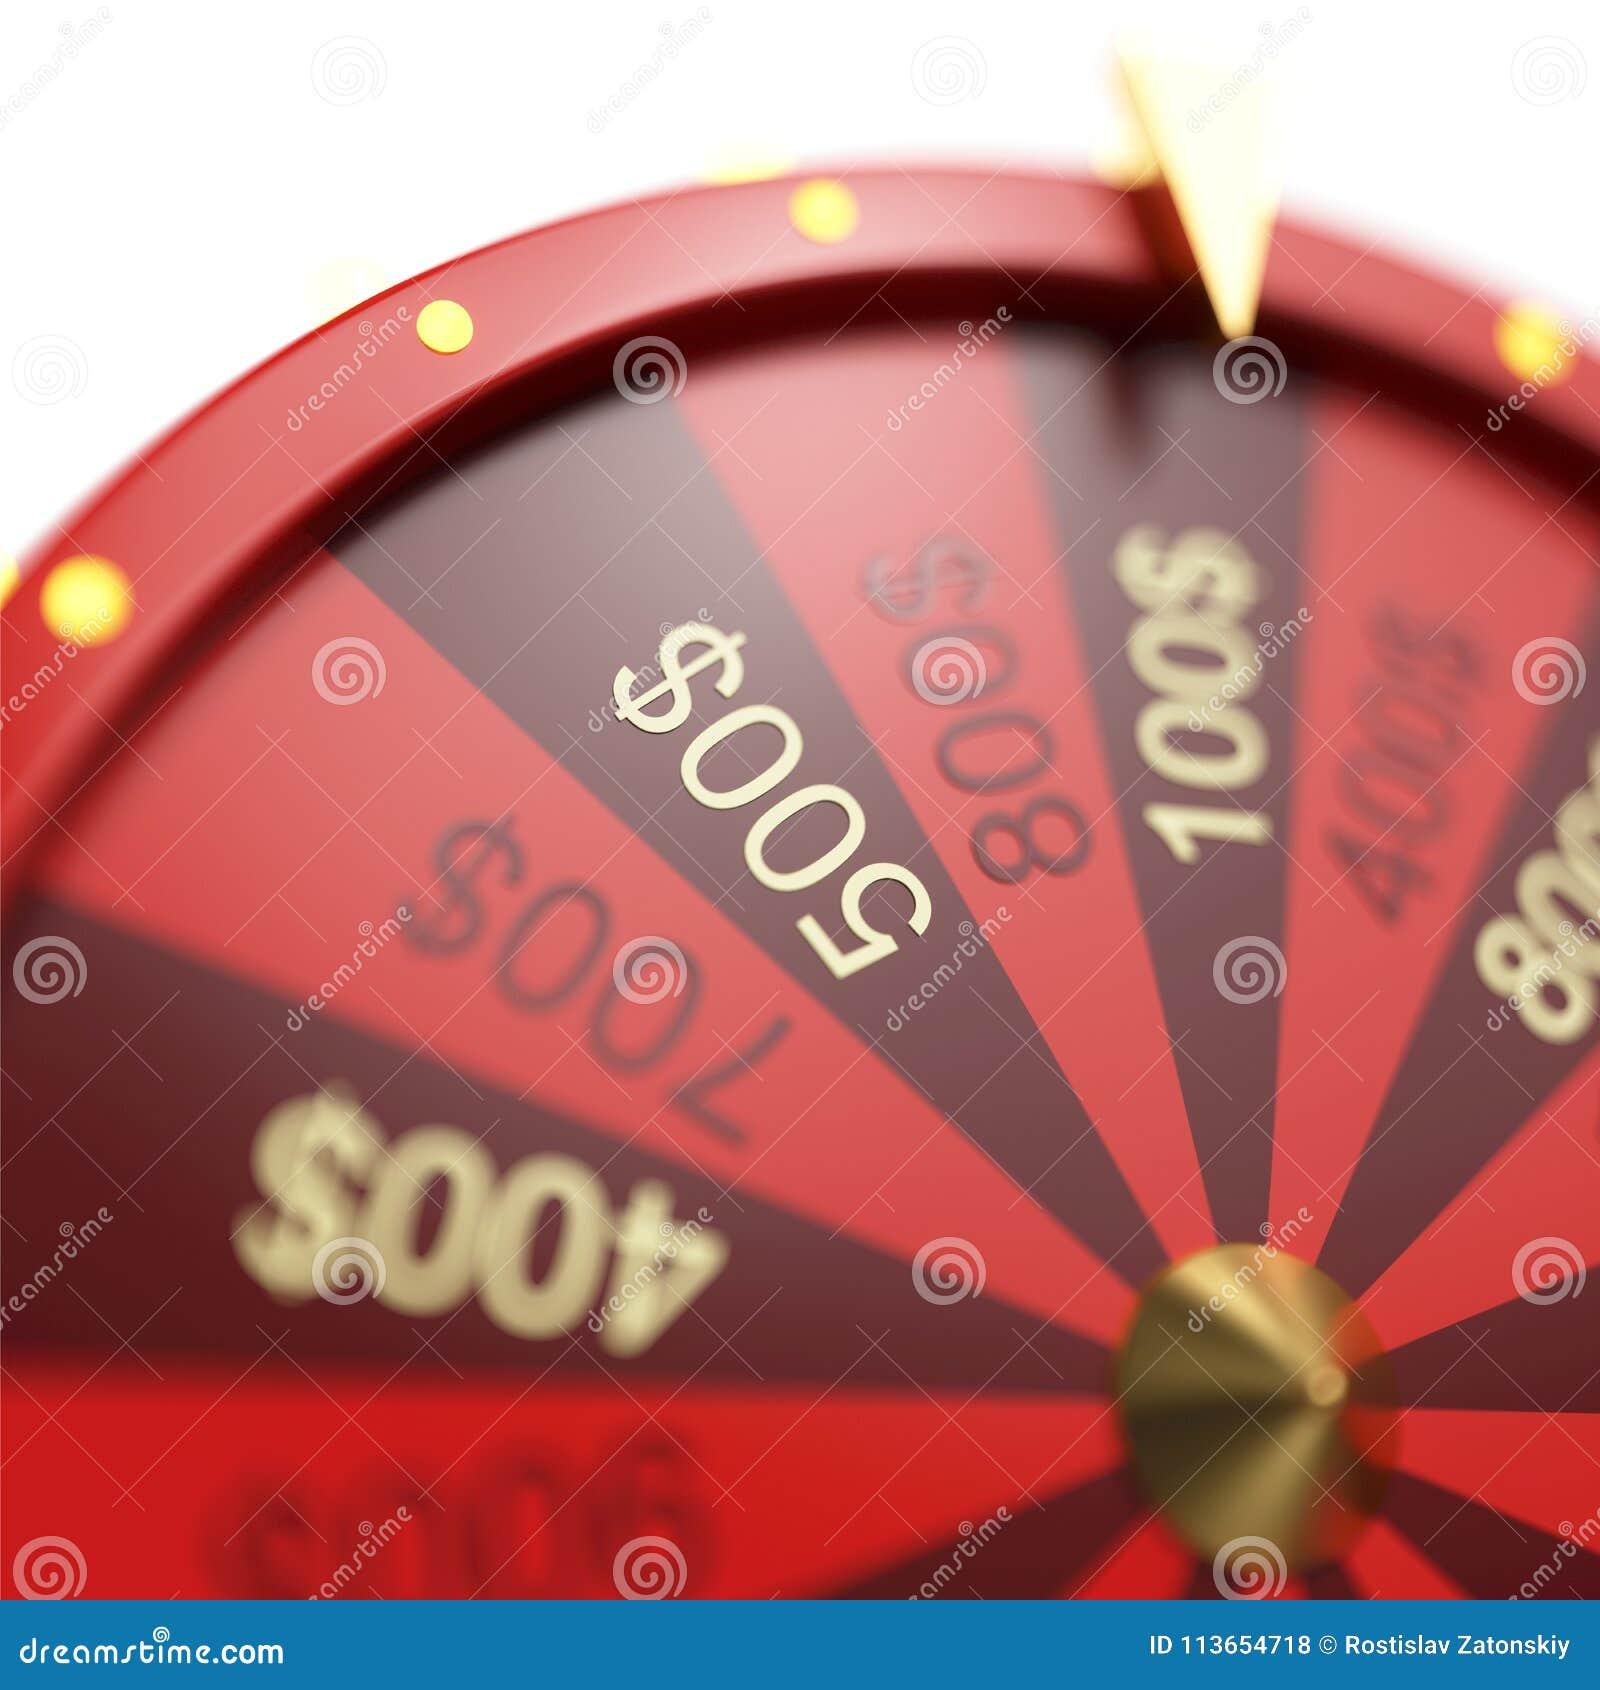 Roda vermelha da ilustração 3d da sorte ou da fortuna Roda de giro realística da fortuna Fortuna da roda isolada no branco